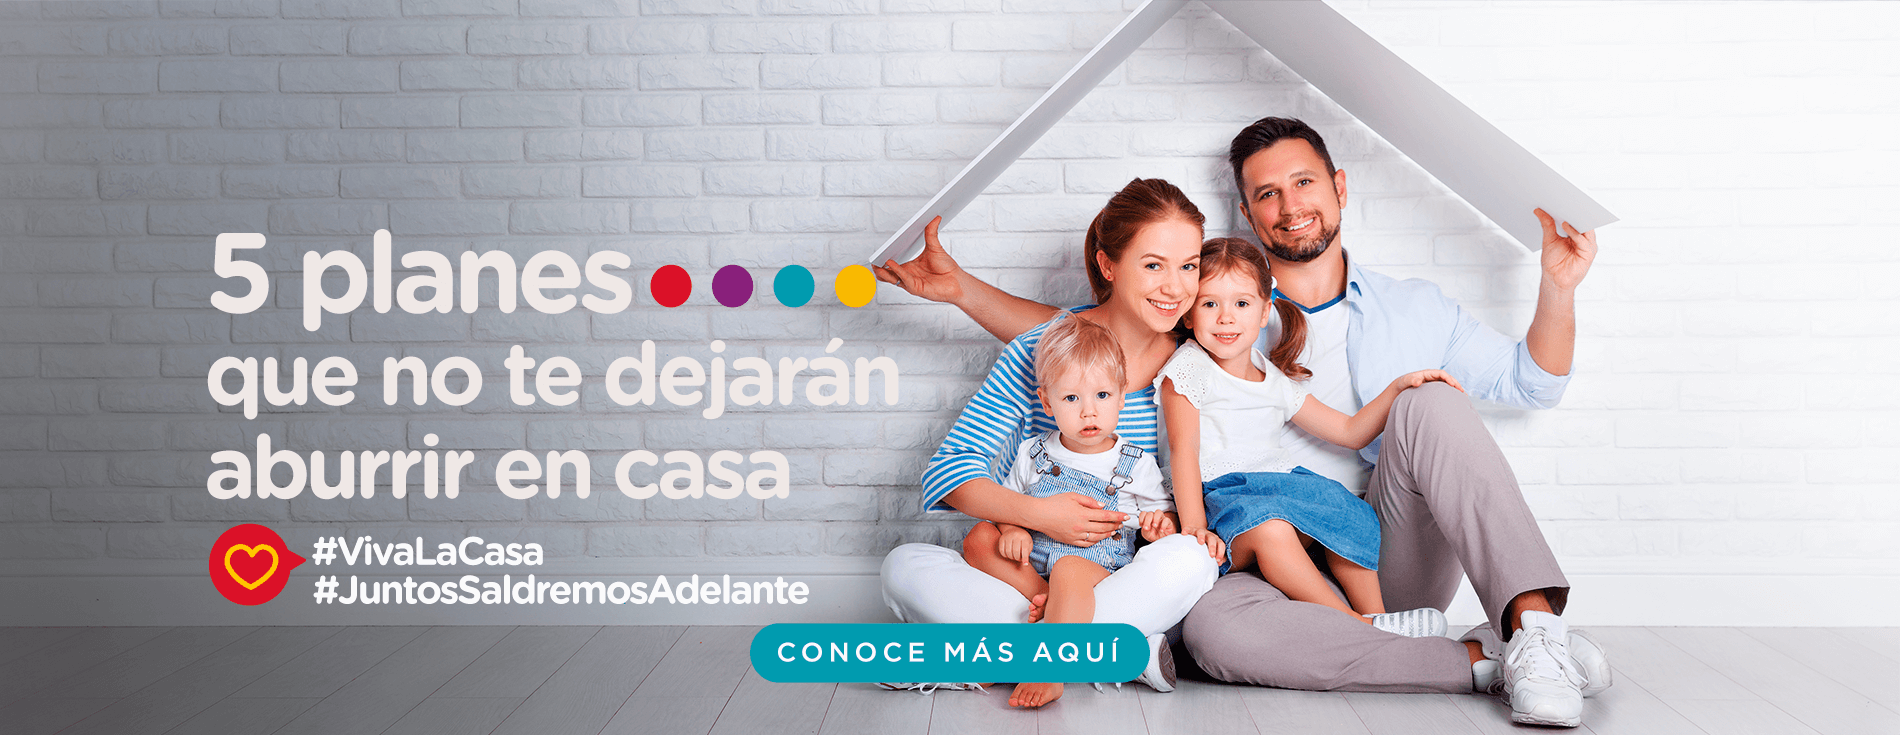 5 planes que no te dejarán aburrir en casa - Villavicencio